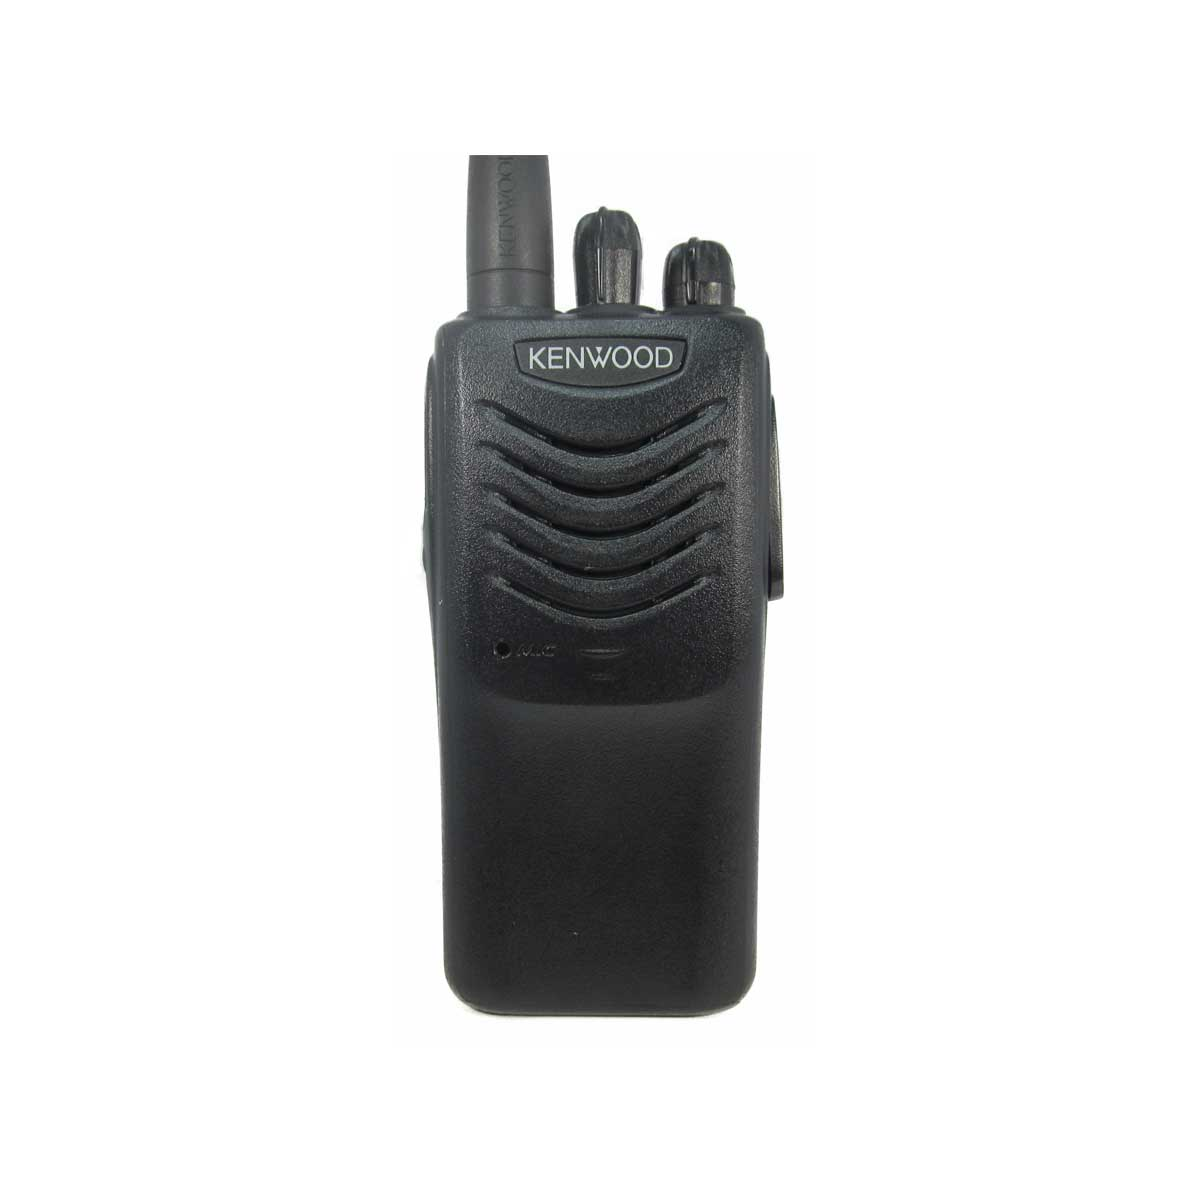 Radio KENWOOD TK-3000 Analógico UHF 400-430 MHZ